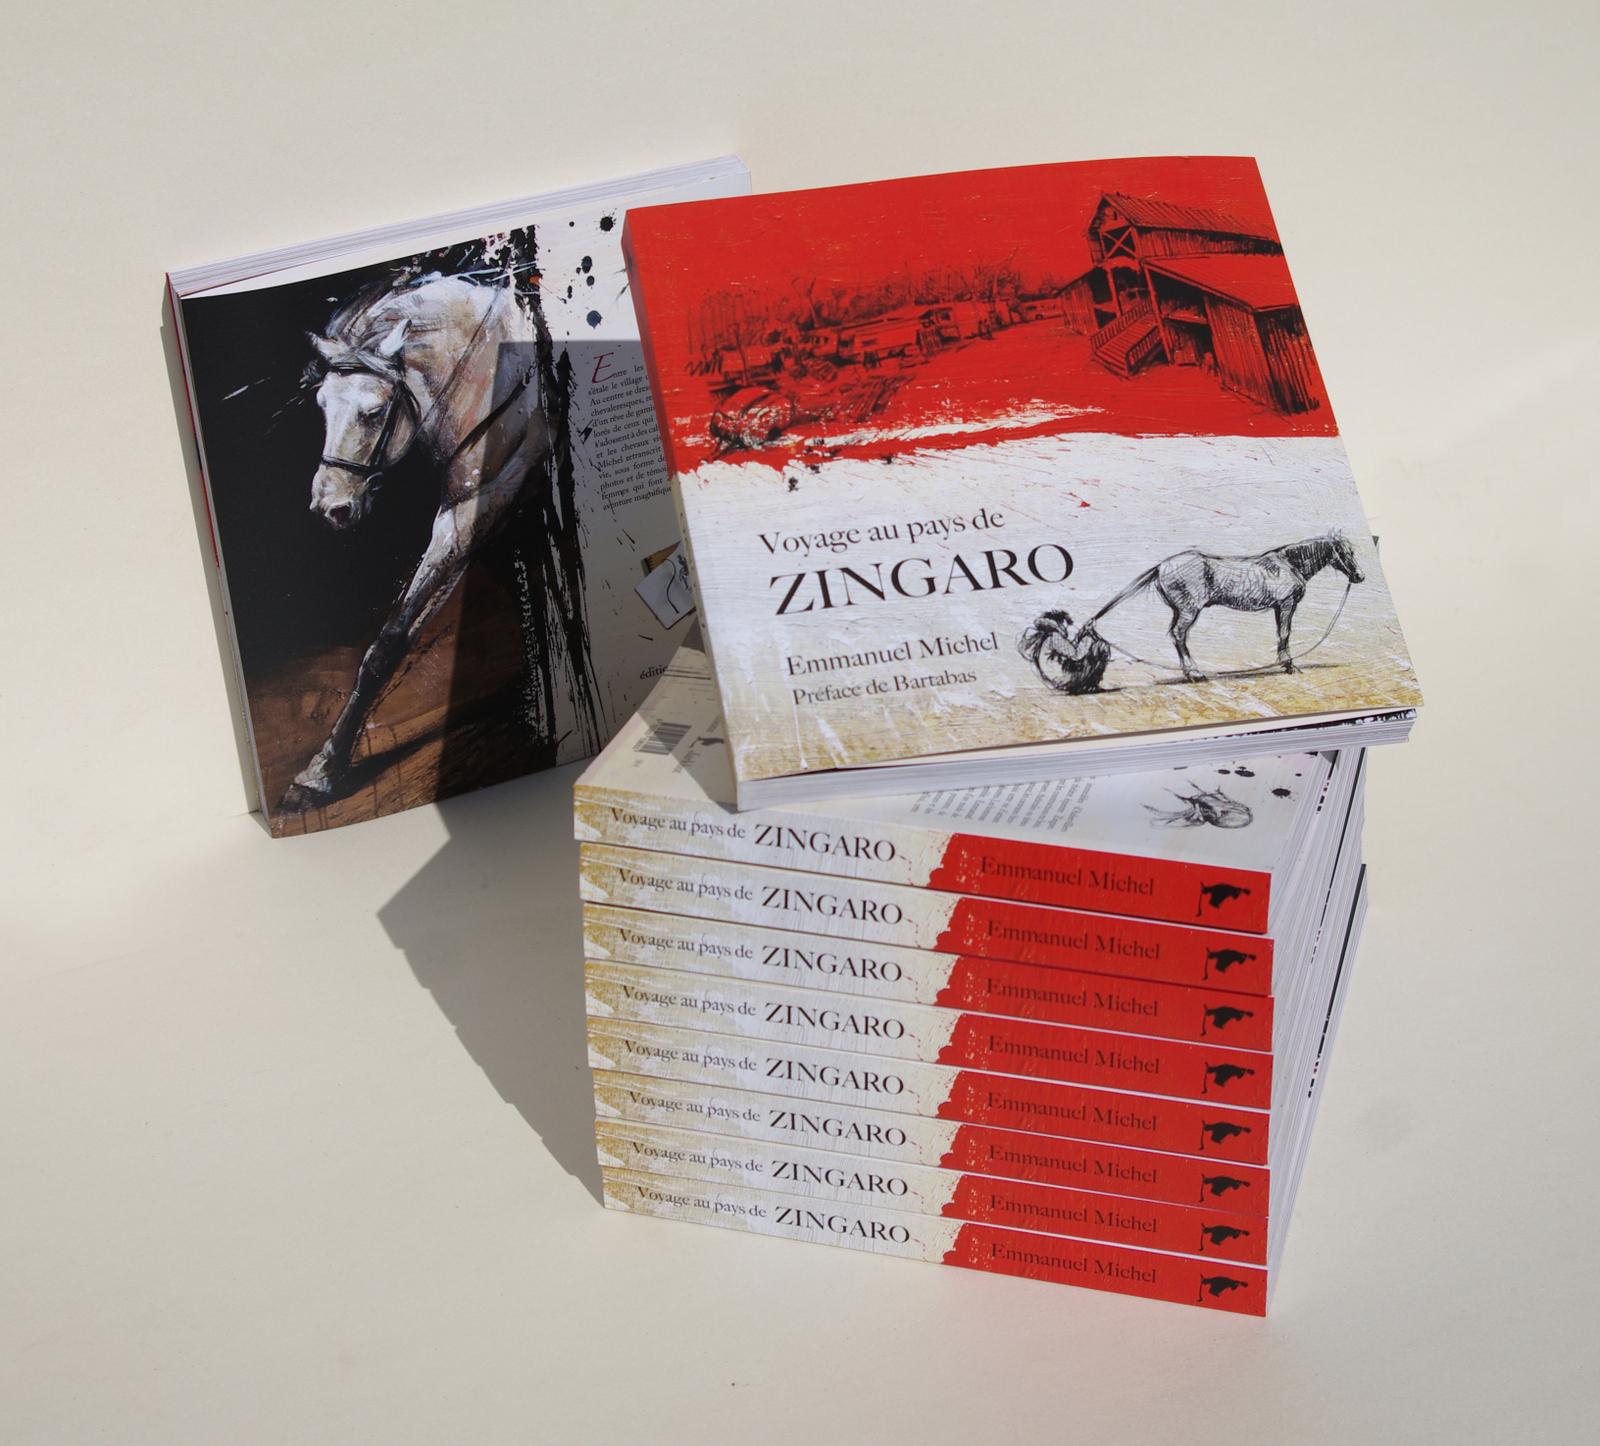 """Exhibition """"Voyage au pays de Zingaro"""""""